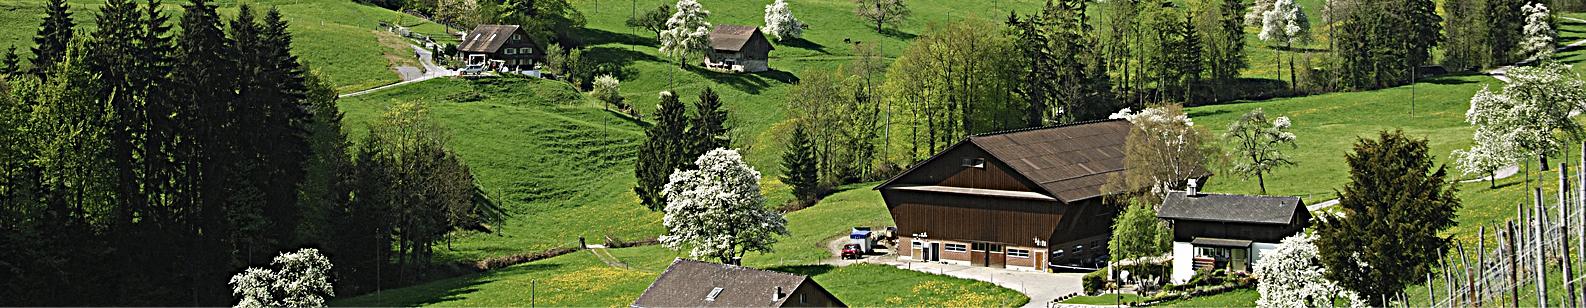 Statuts statuts chambre de commerce suisse pour la for Chambre de commerce suisse